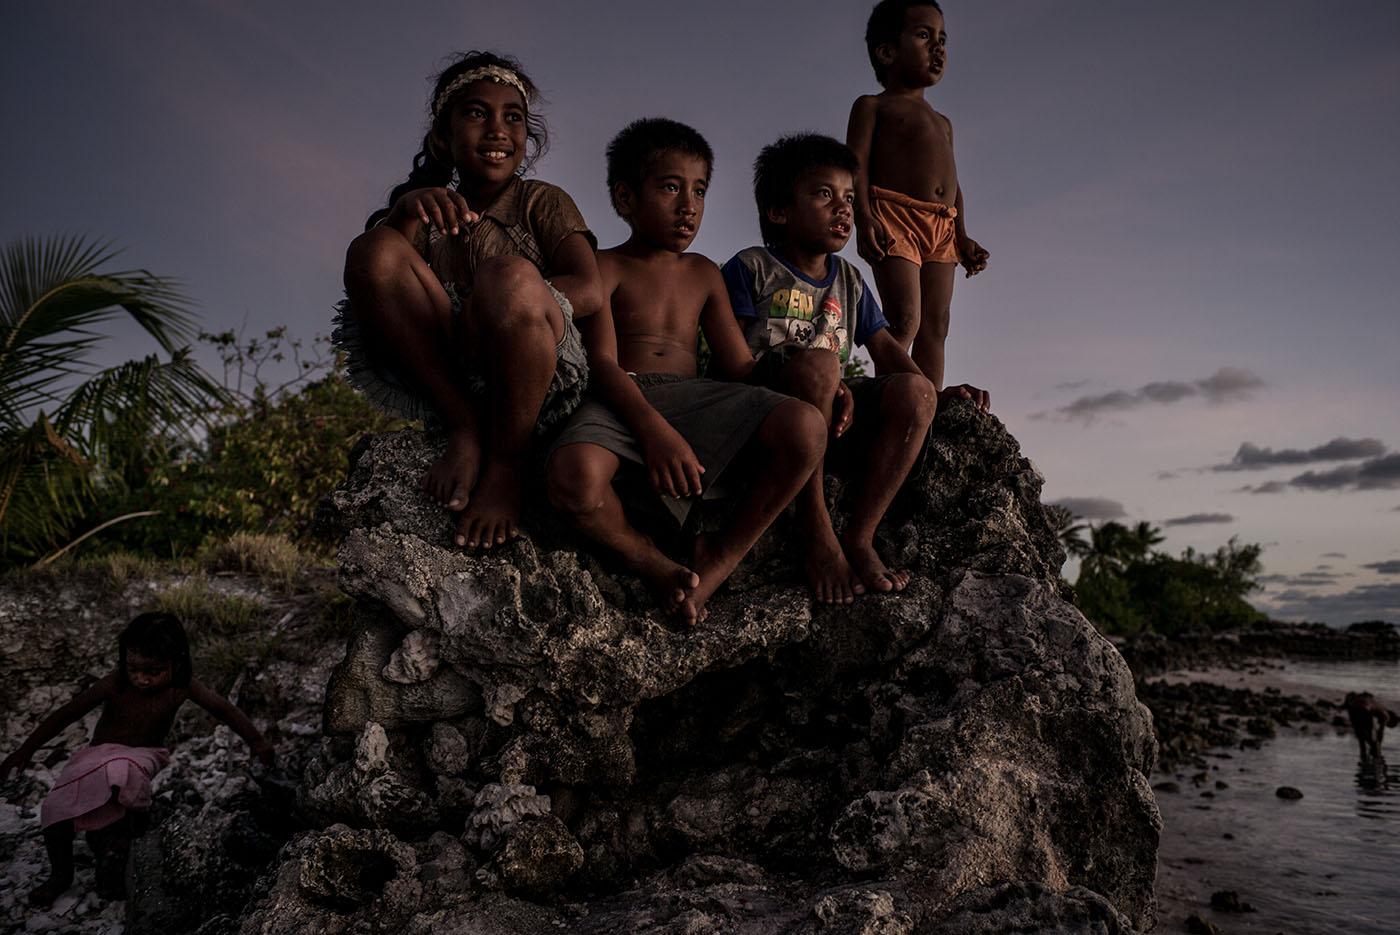 Abiang, Kiribati © Gianluca Panella 2014